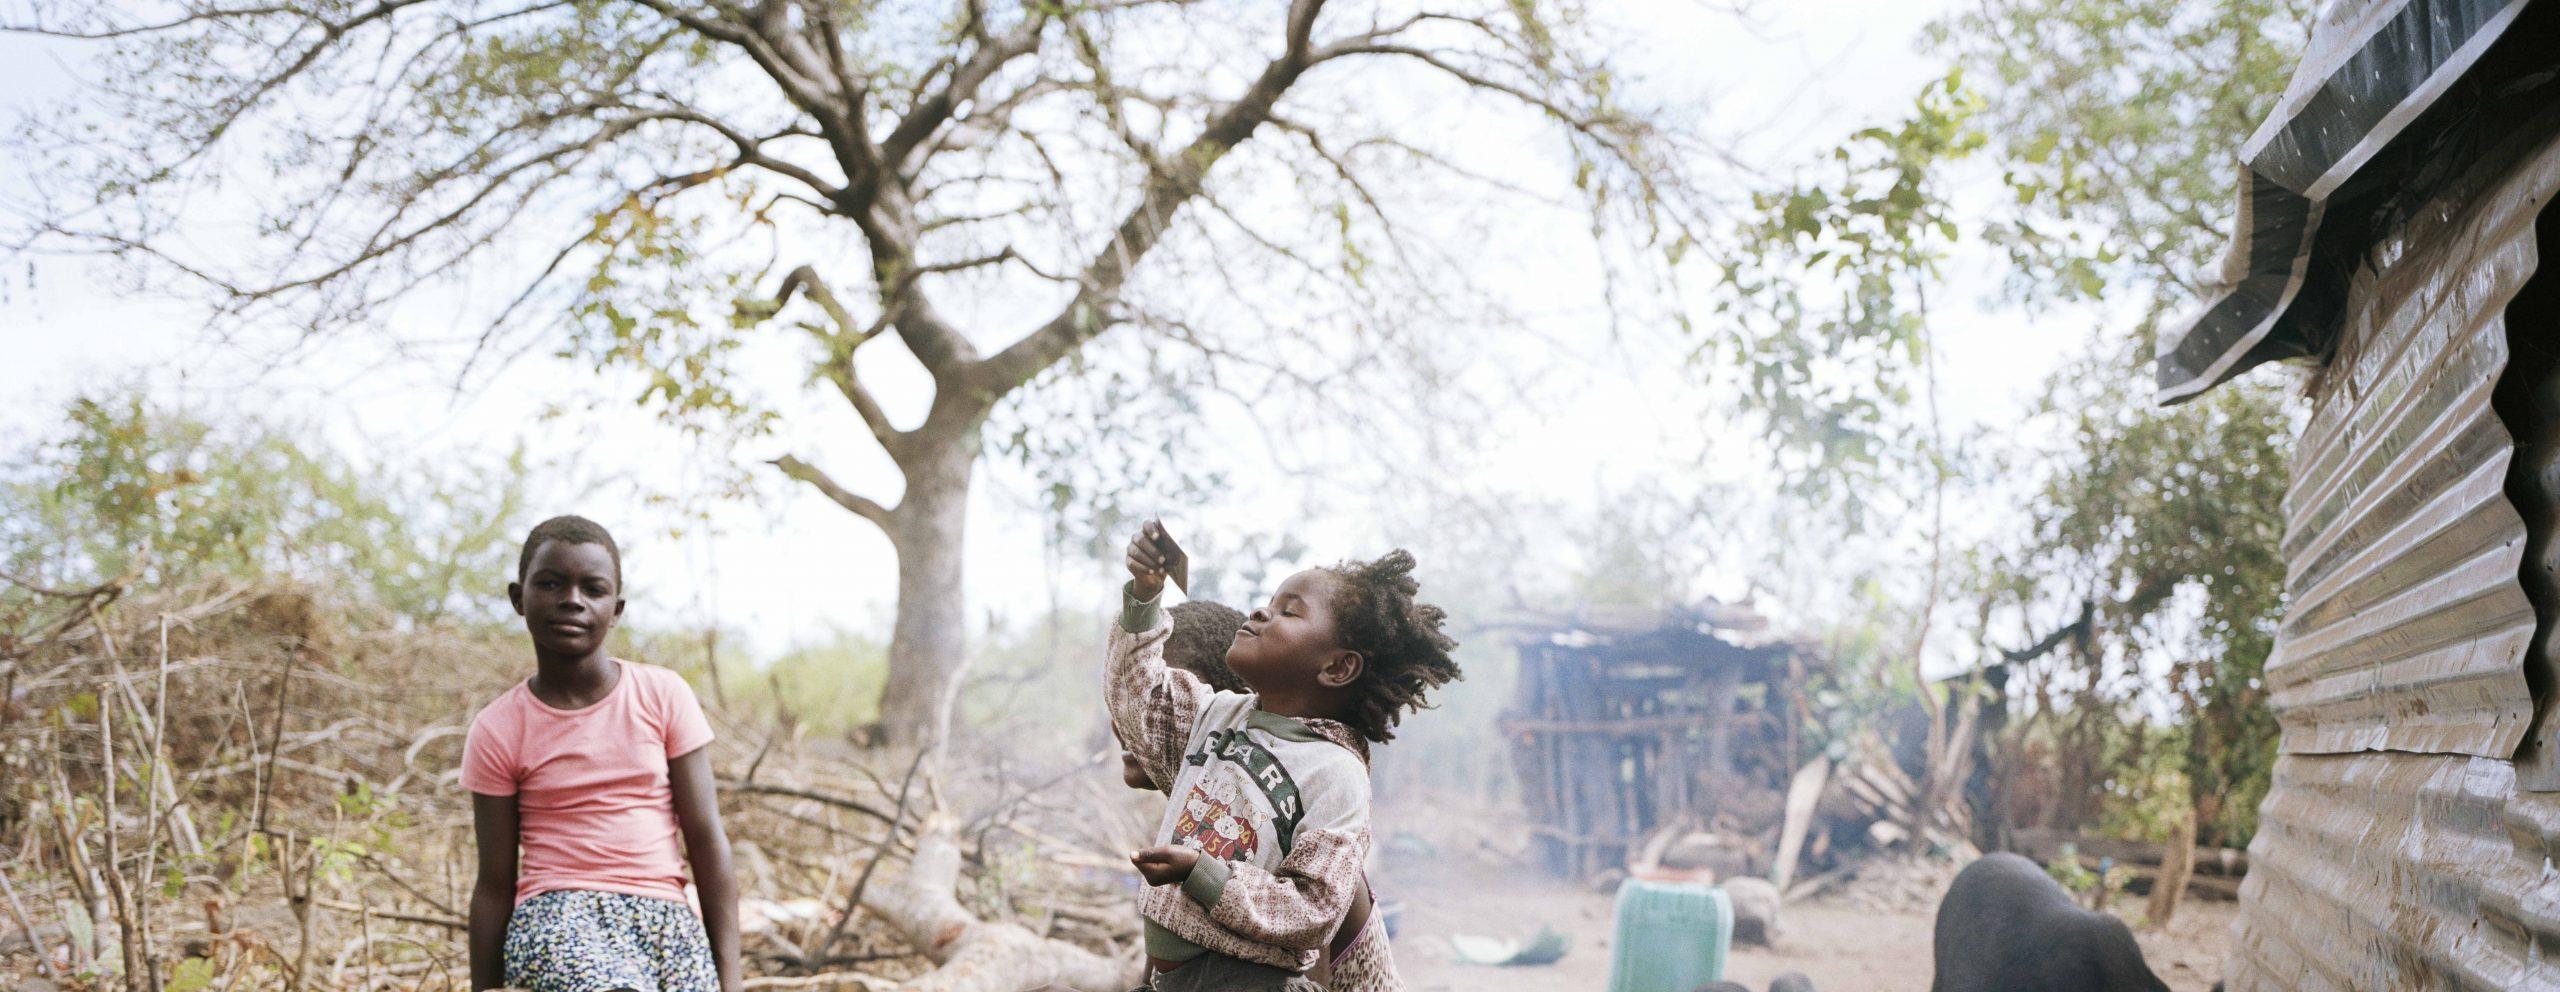 Unsere Katastrophenhilfe wirkt, indem sie Hoffnung auf ein neues Leben spendet.